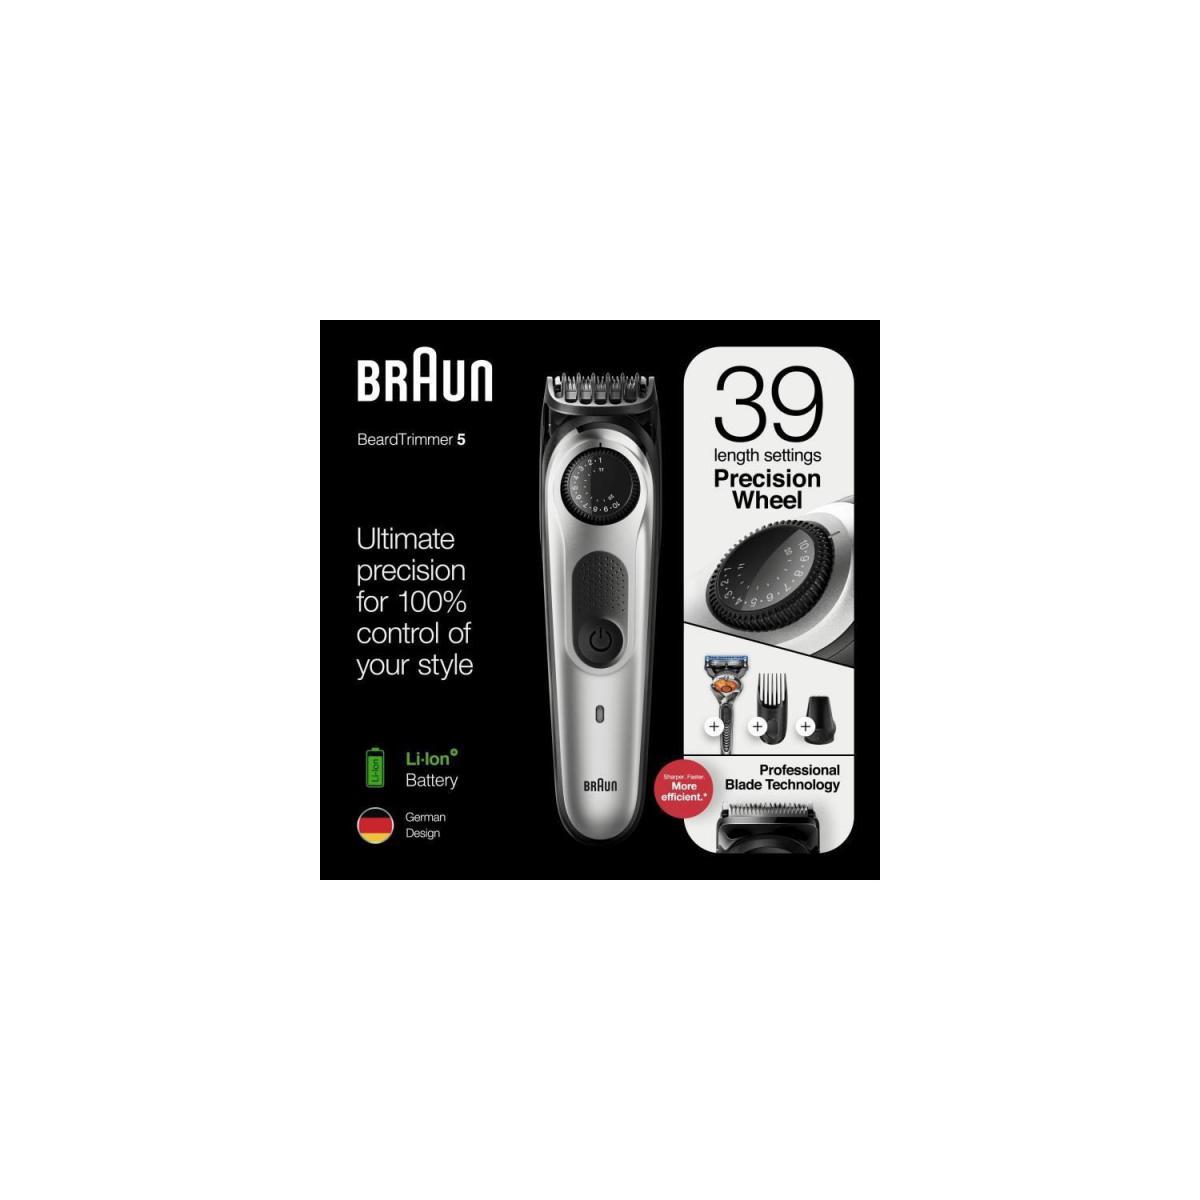 Braun Braun BT5260 Tondeuse barbe et cheveux pour homme - 39 longueurs - 100min de tonte sans fil - 1h de charge - Noir/Argent